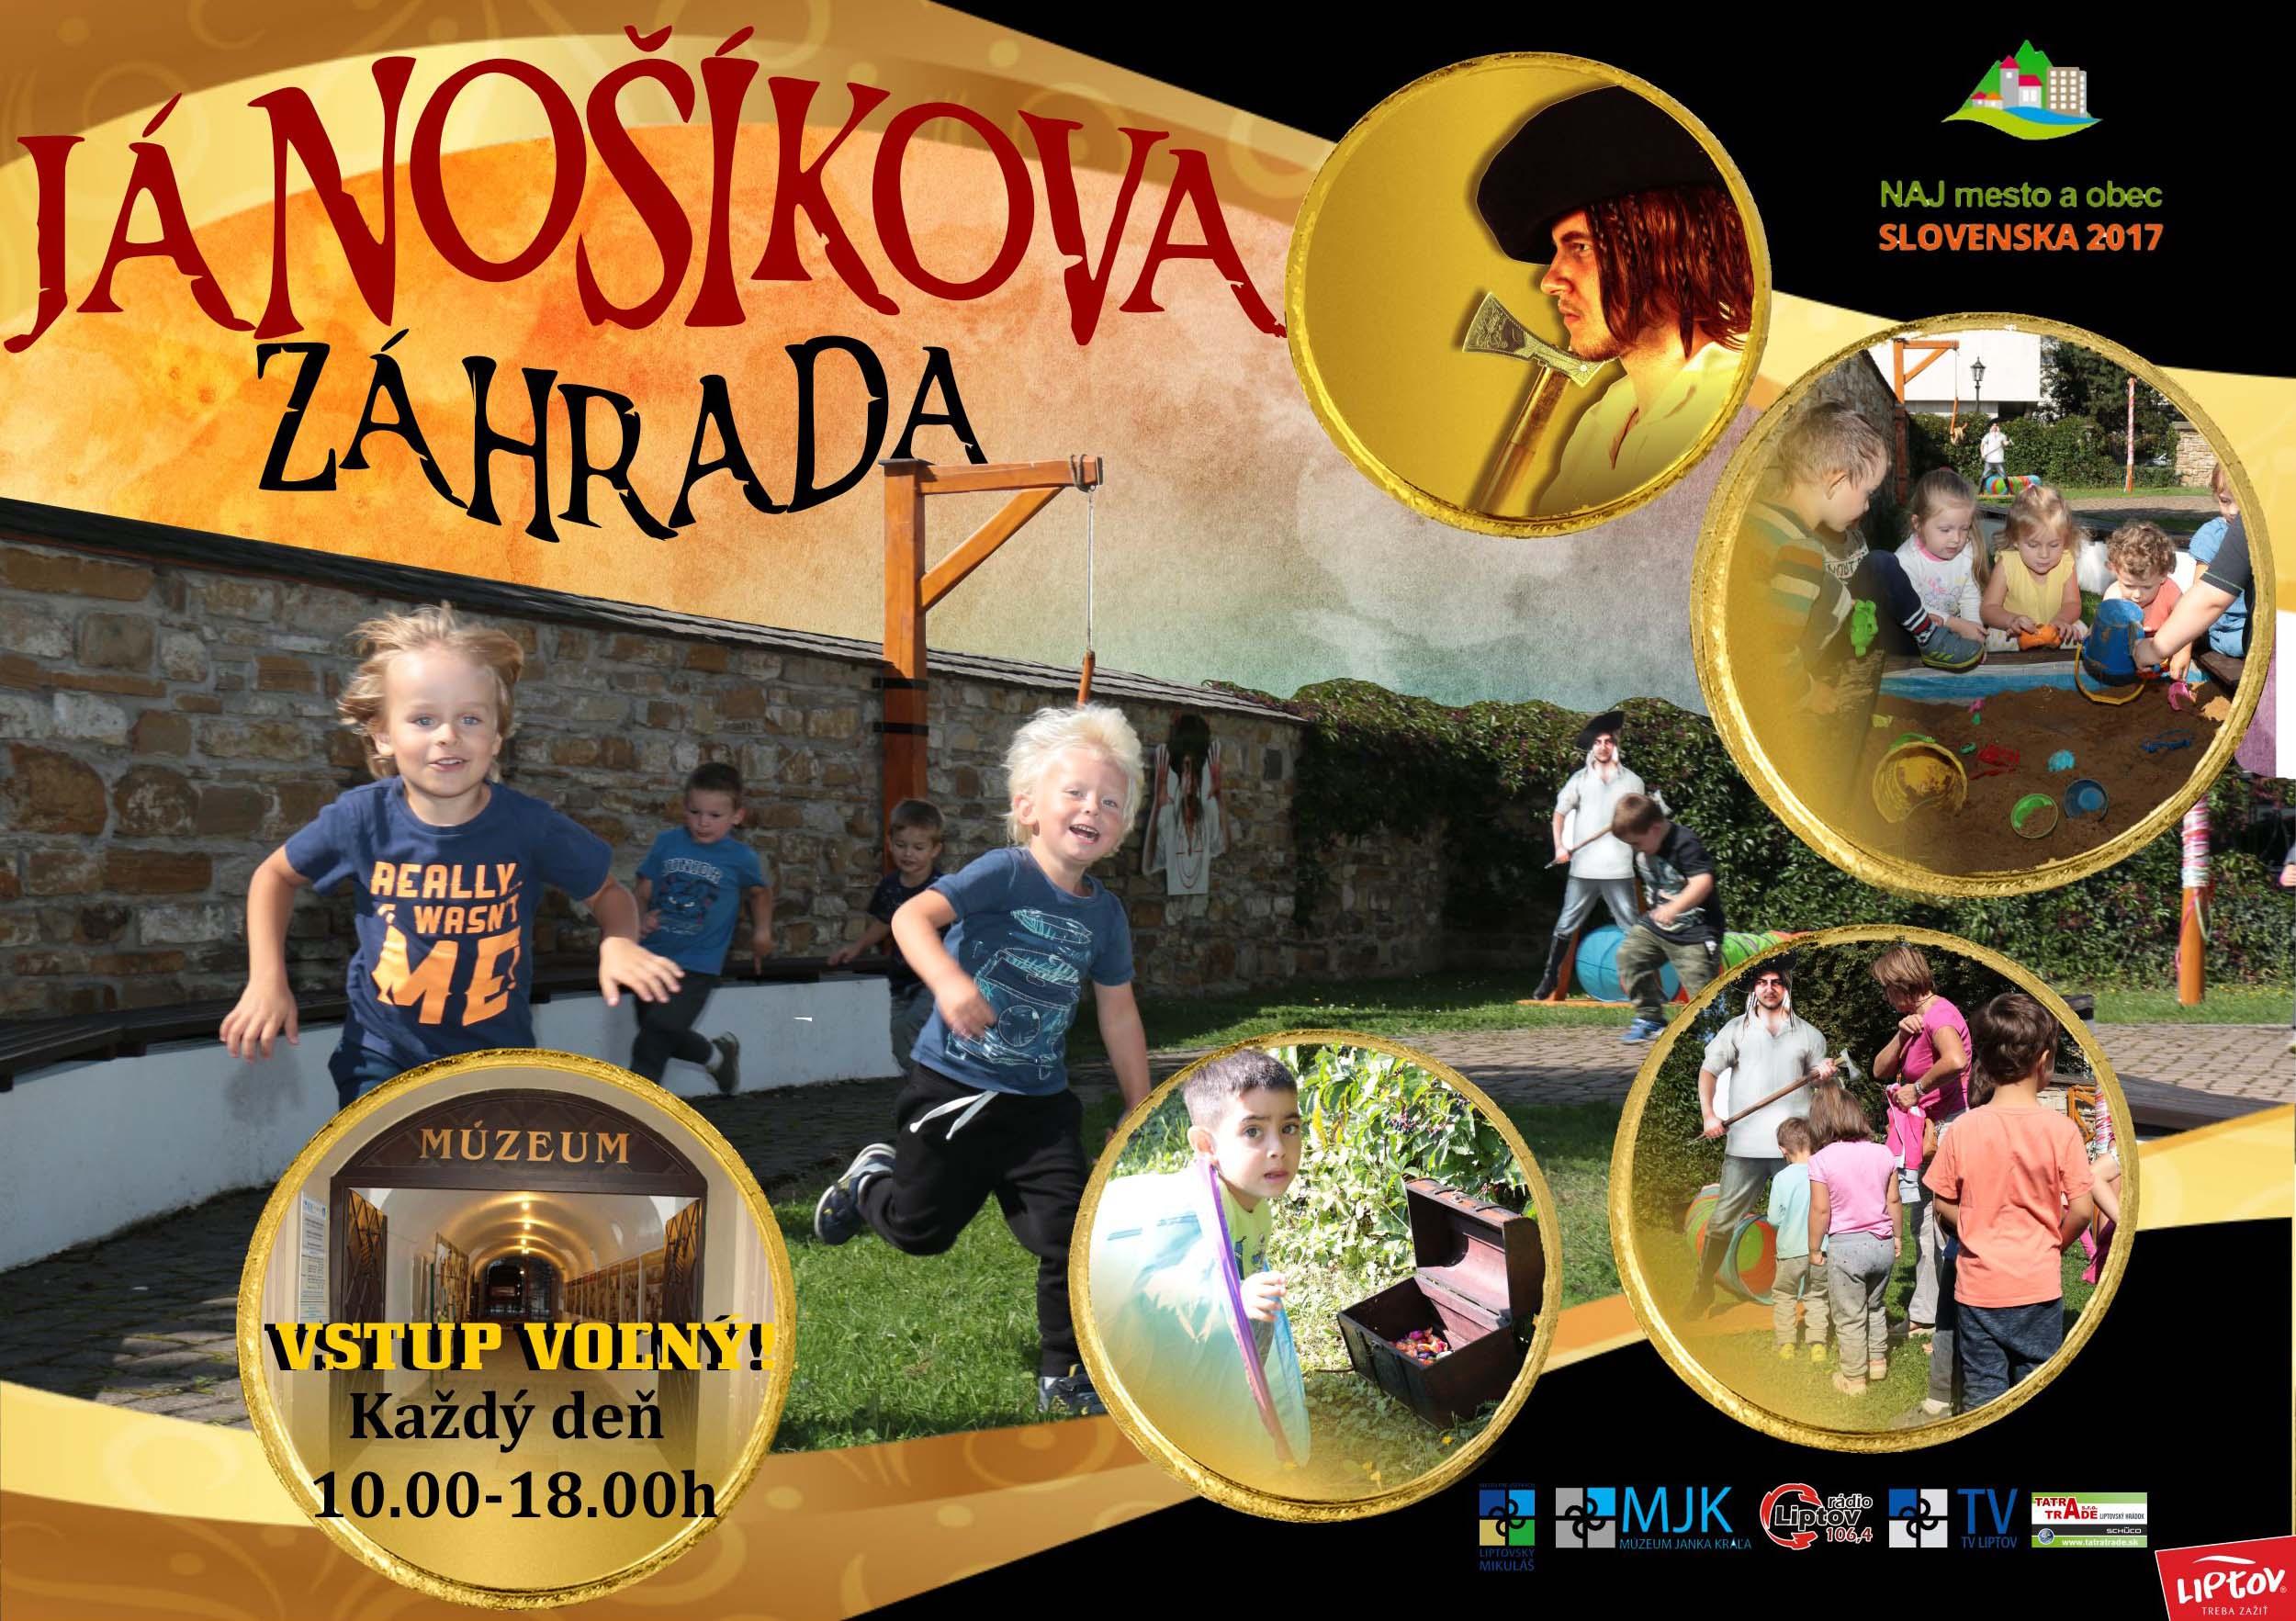 Múzeum sprístupnilo Jánošíkovu záhradu, ktorá je plná atrakcií